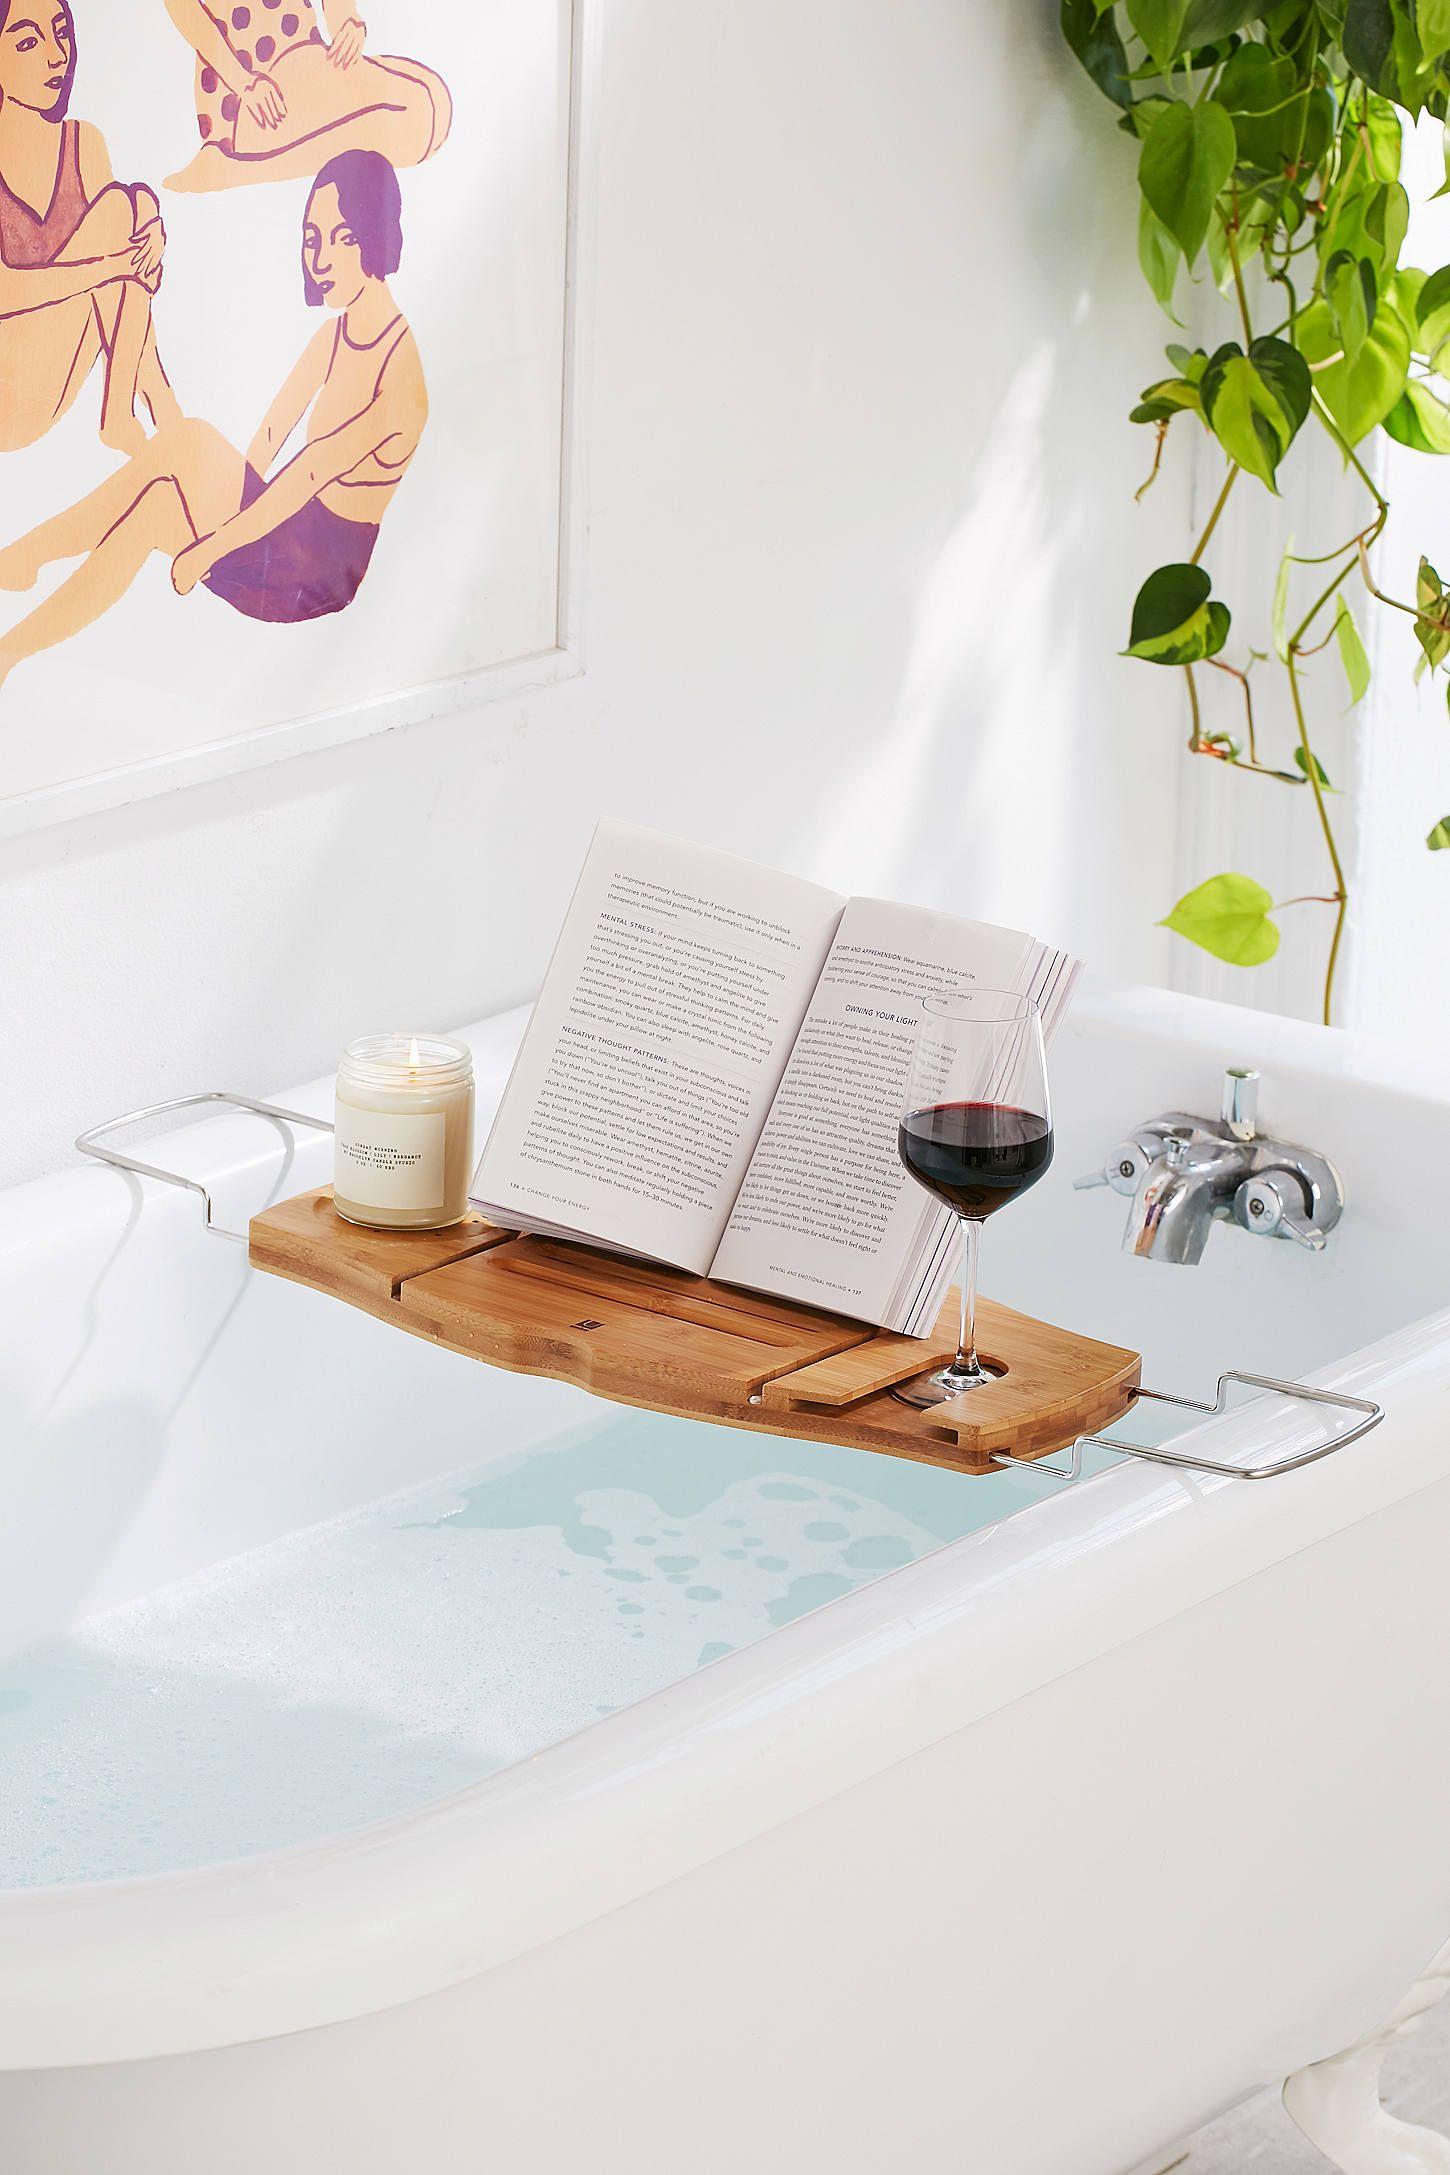 Me Time Bamboo Bath Tray Caddy | wishlist. | Pinterest | Trays, Bath ...